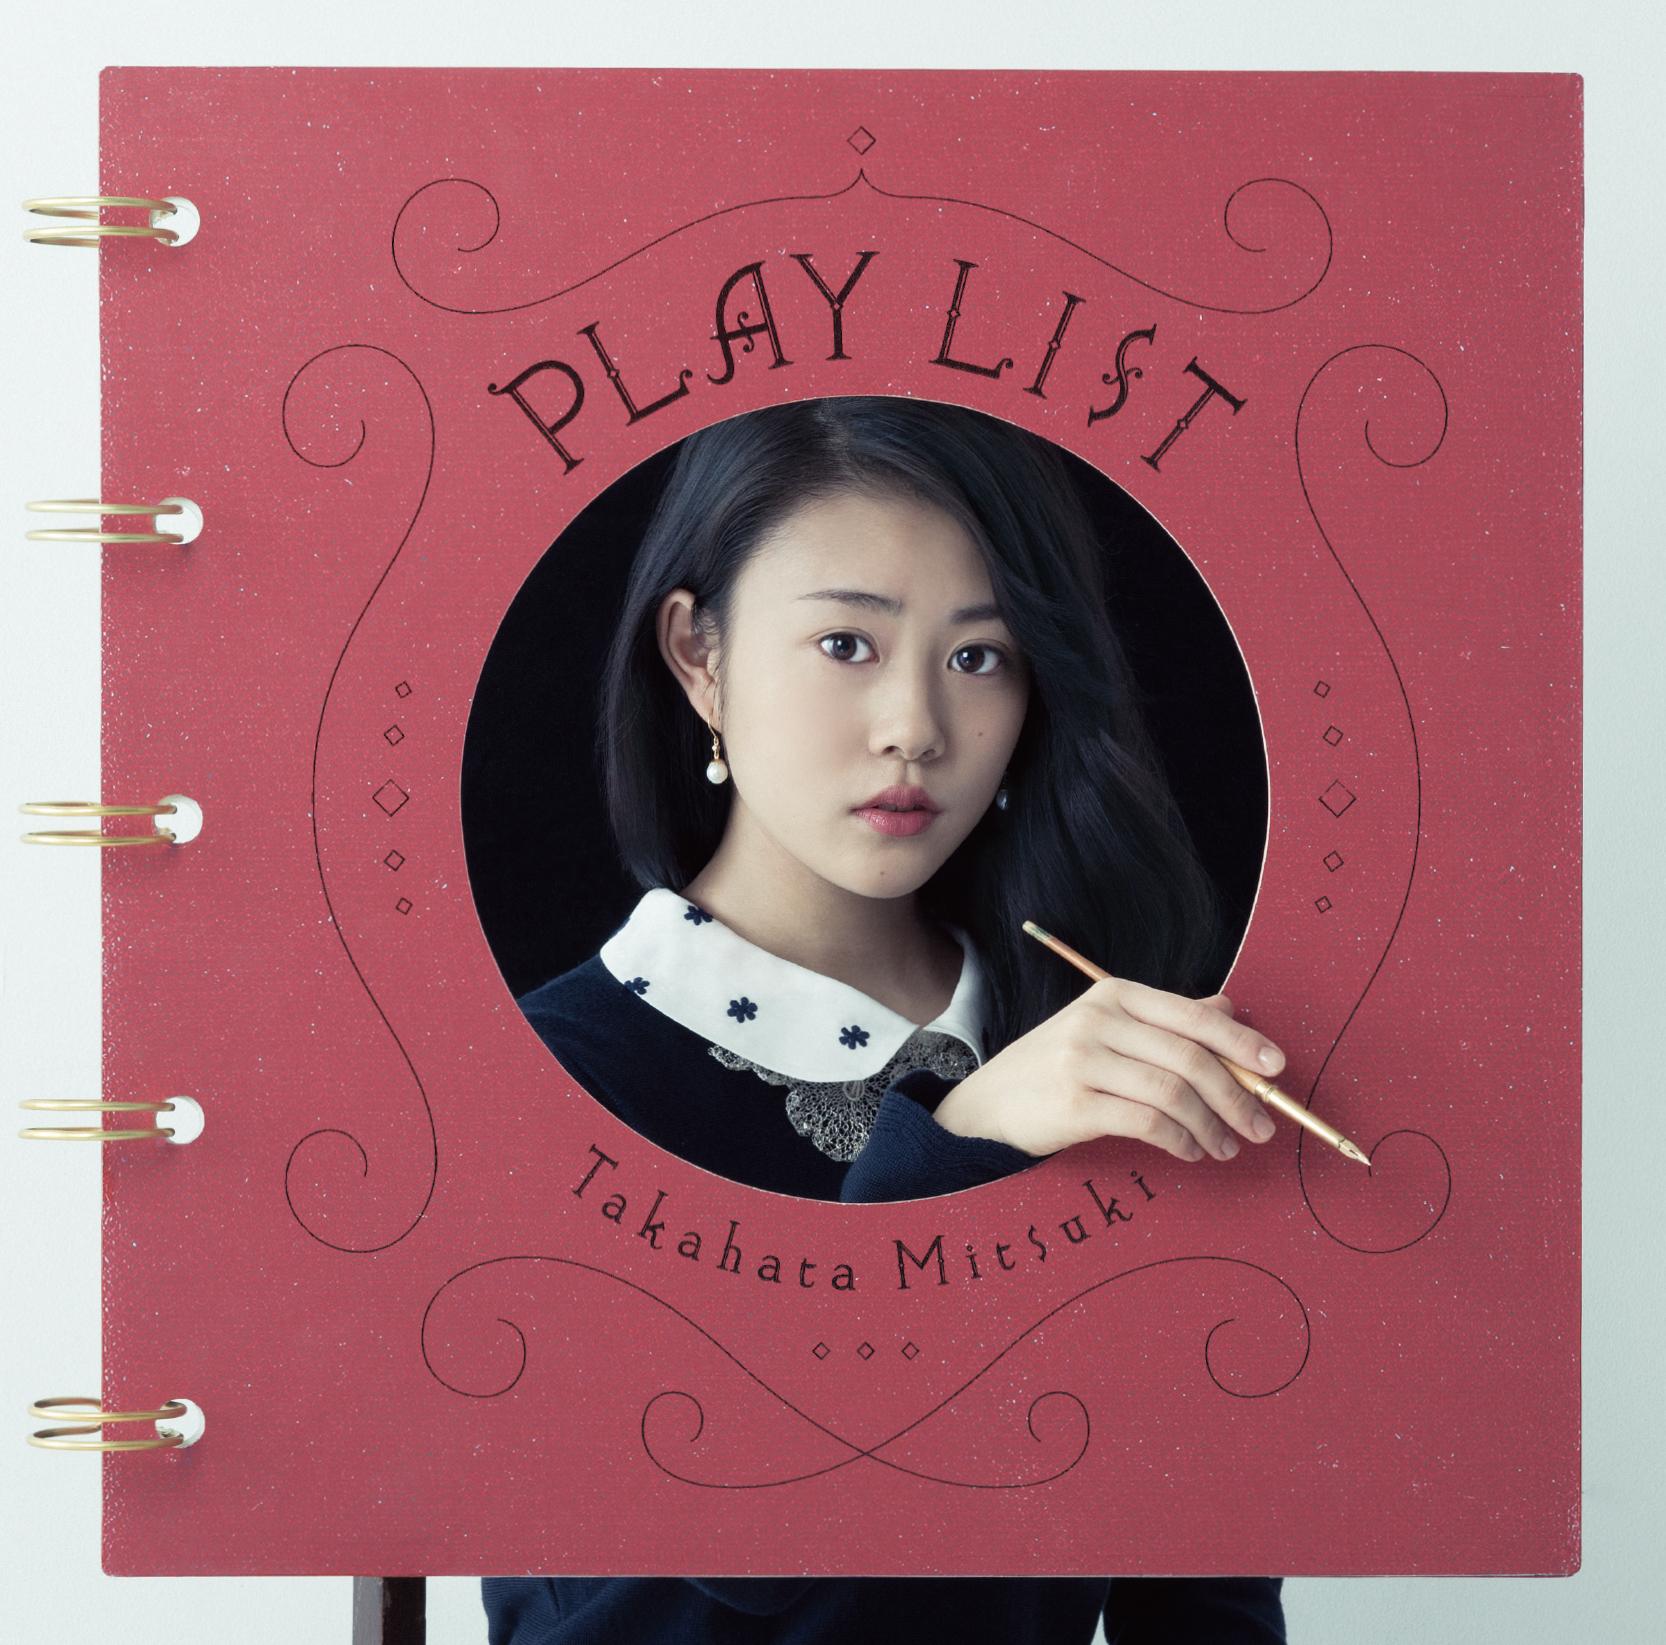 高畑 充 希 play list